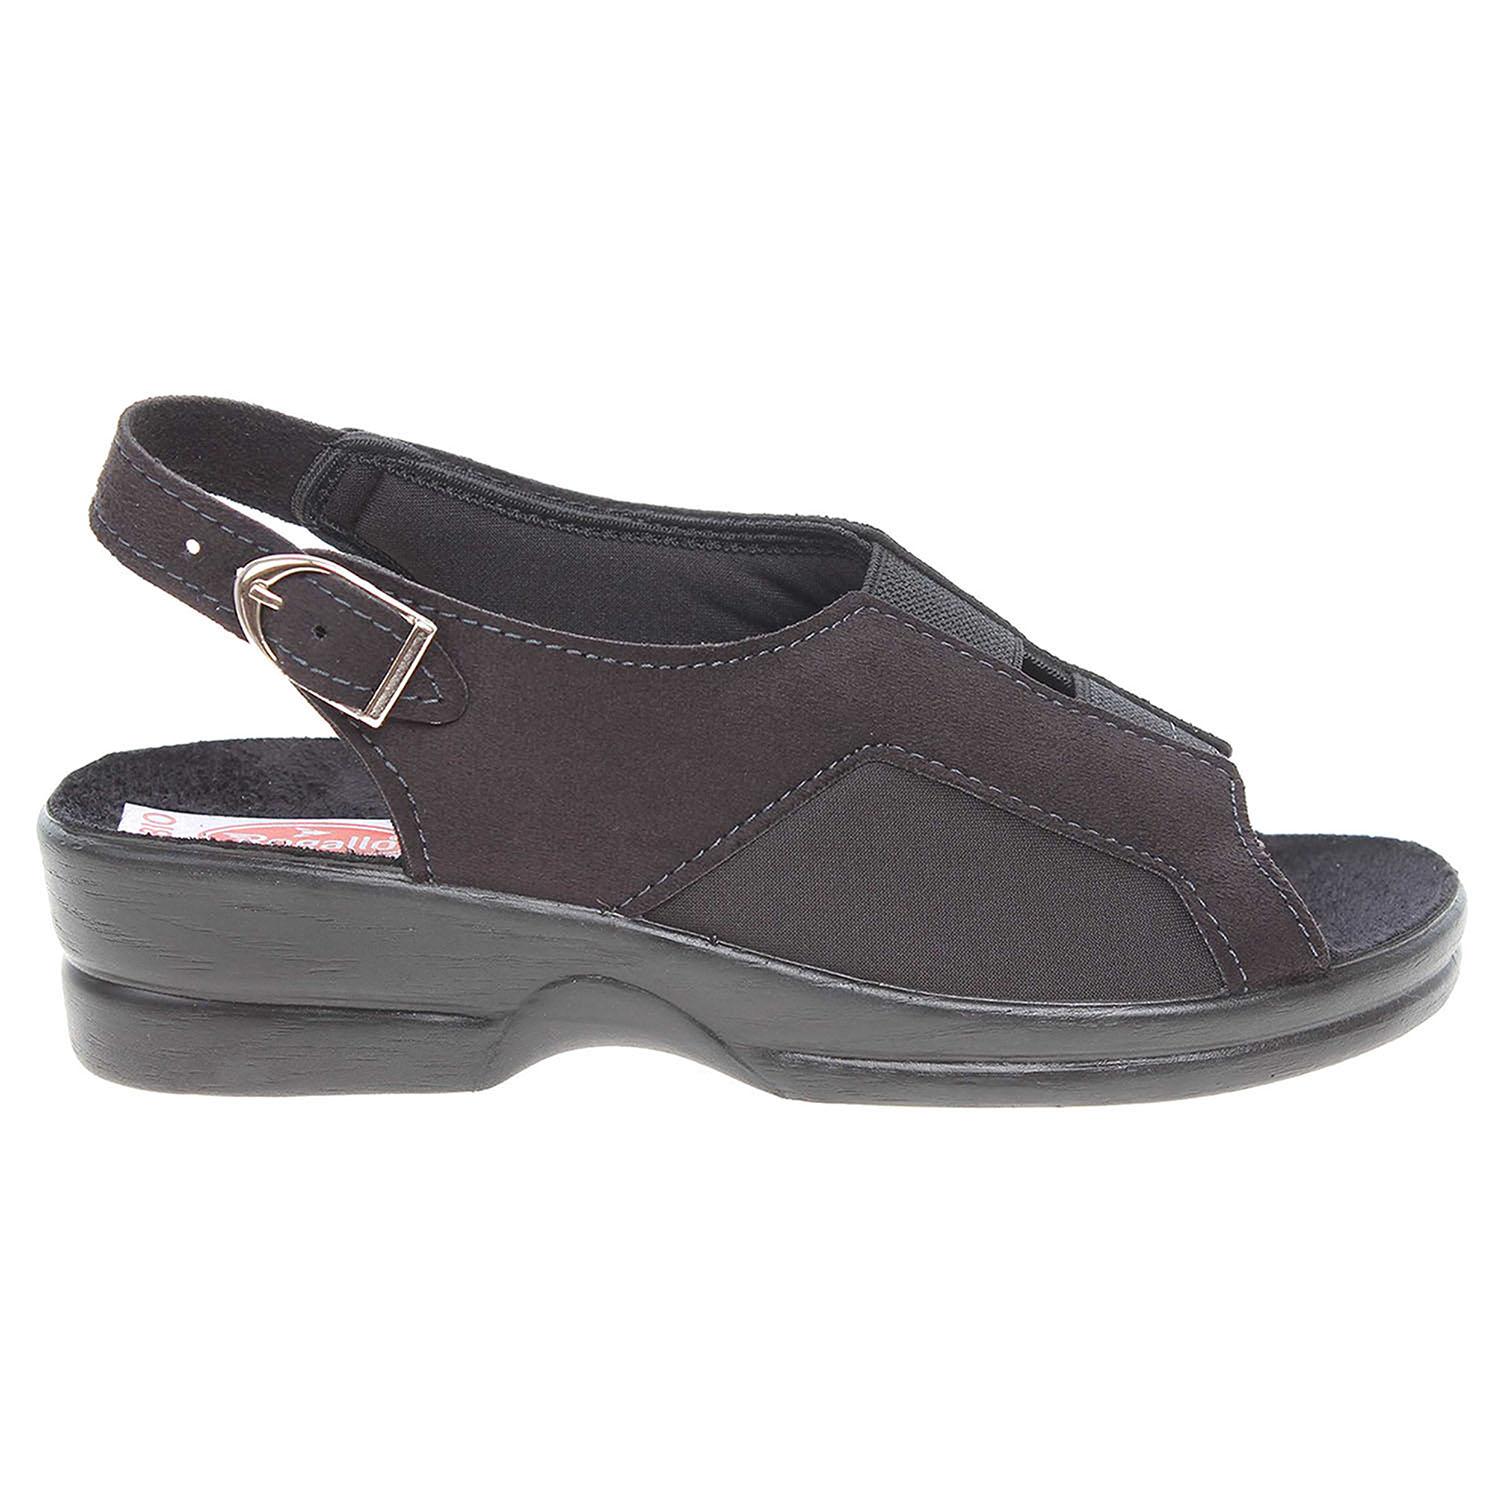 Rogallo dámské sandály 21681 černé 41